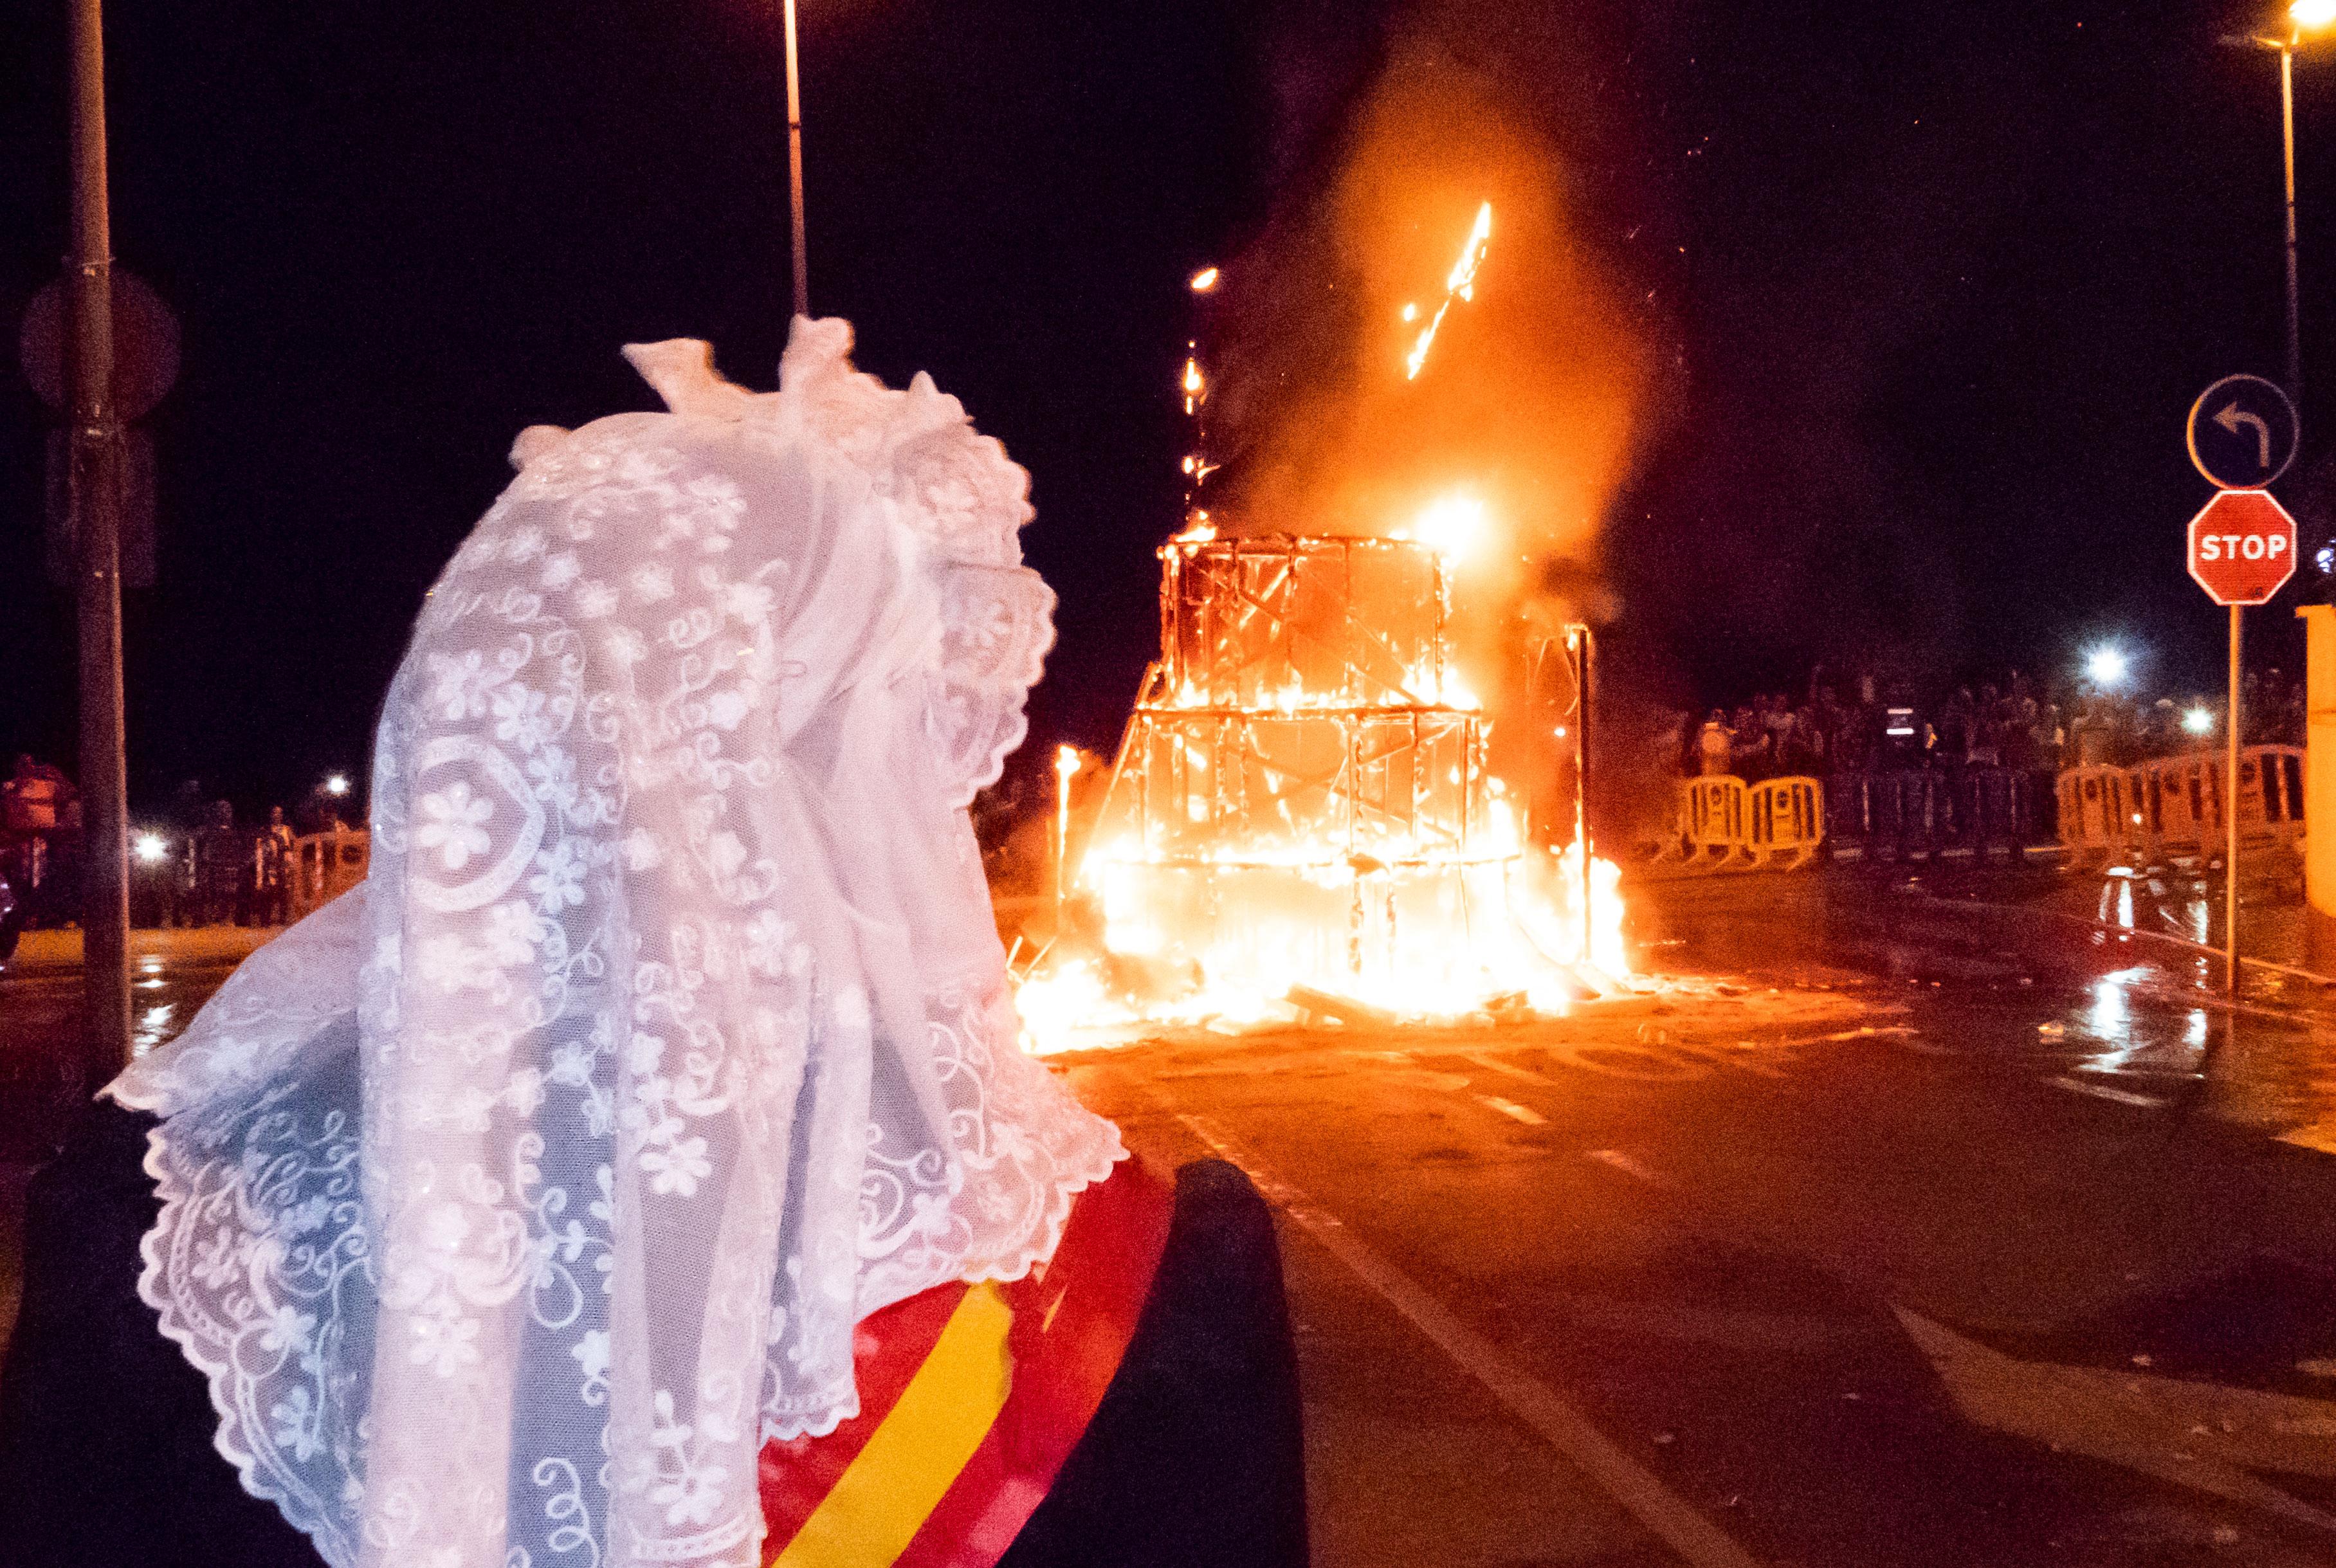 HOGUERAS.- Con la 'cremà', la Hoguera de La Cala se despide del fuego hasta el año próximo